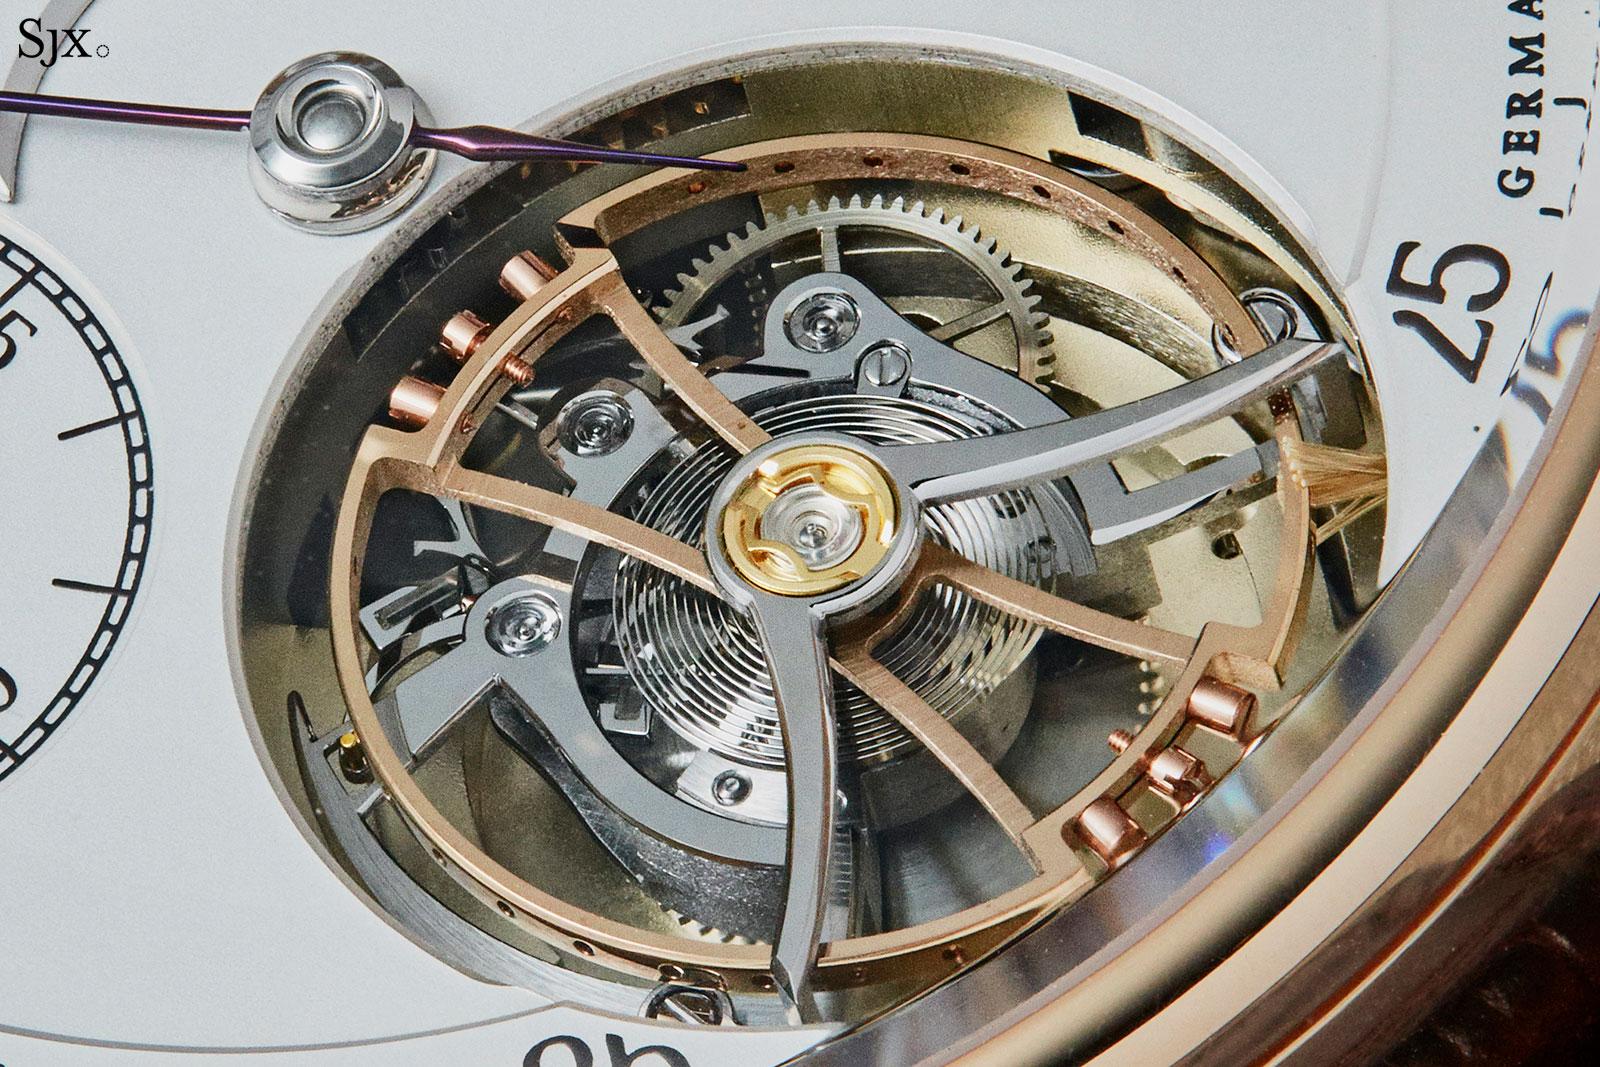 Moritz Grossmann Benu tourbillon rose gold 4